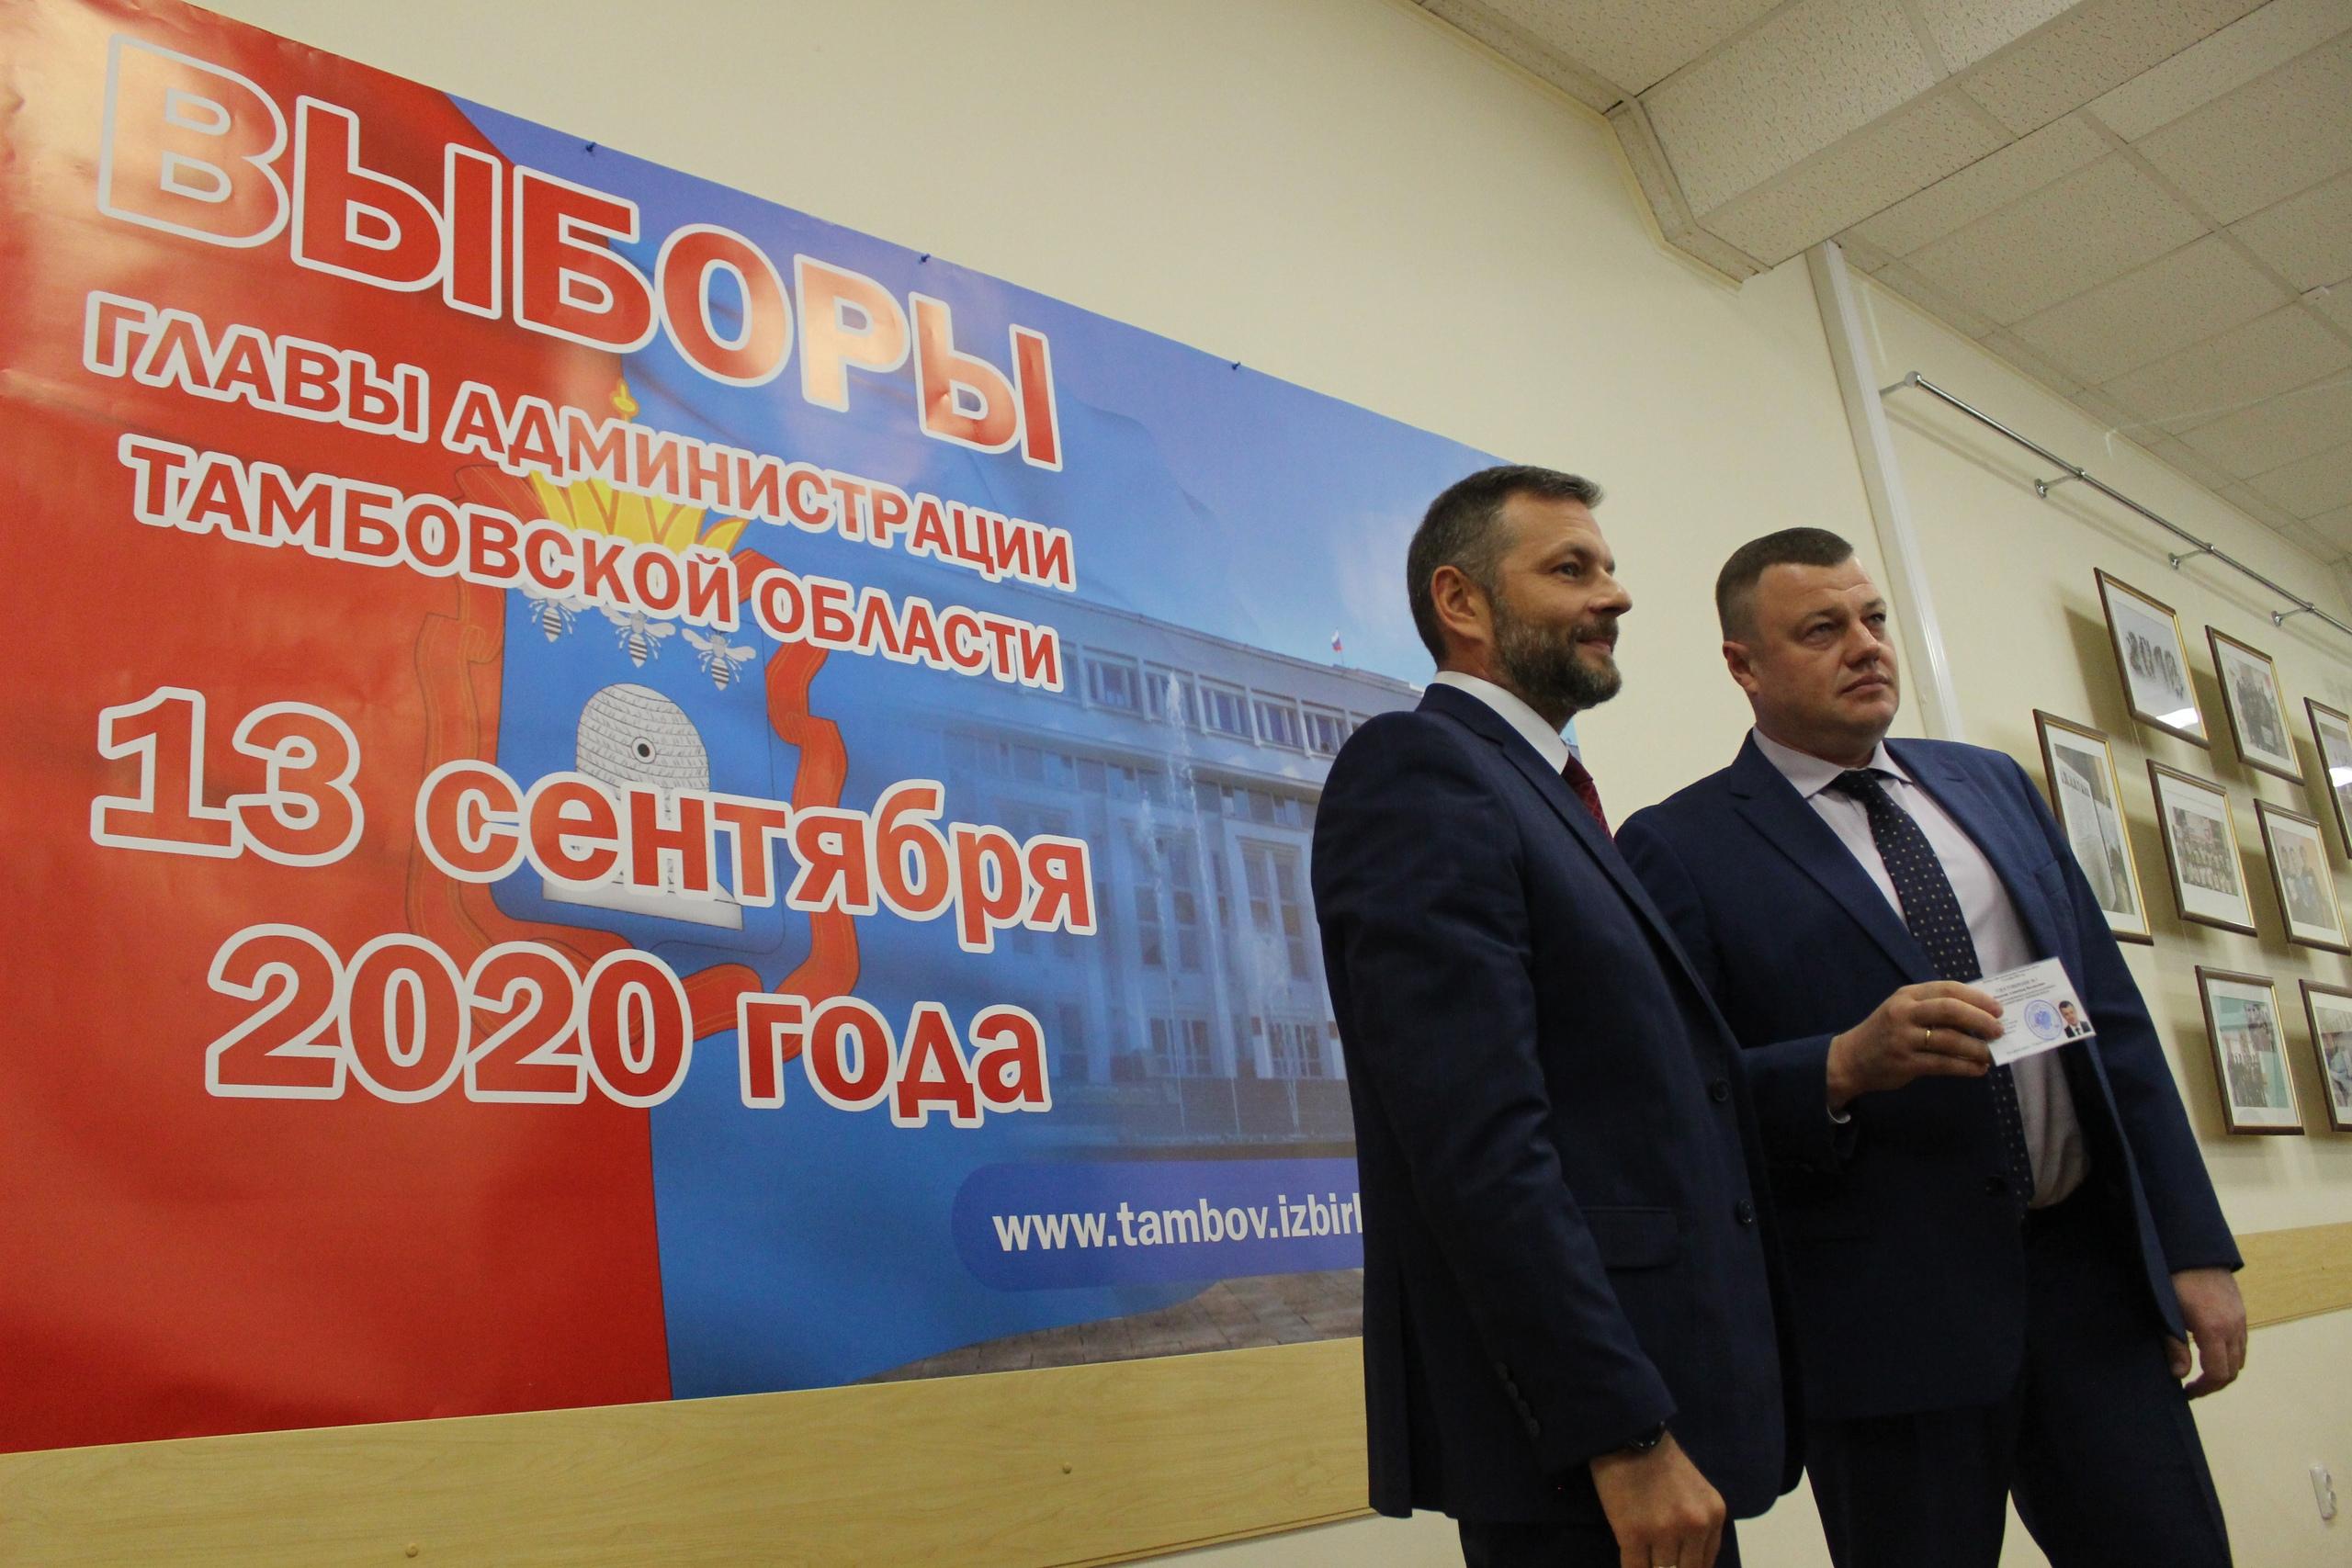 Тамбовский избирком зарегистрировал только пять кандидатов на пост губернатора